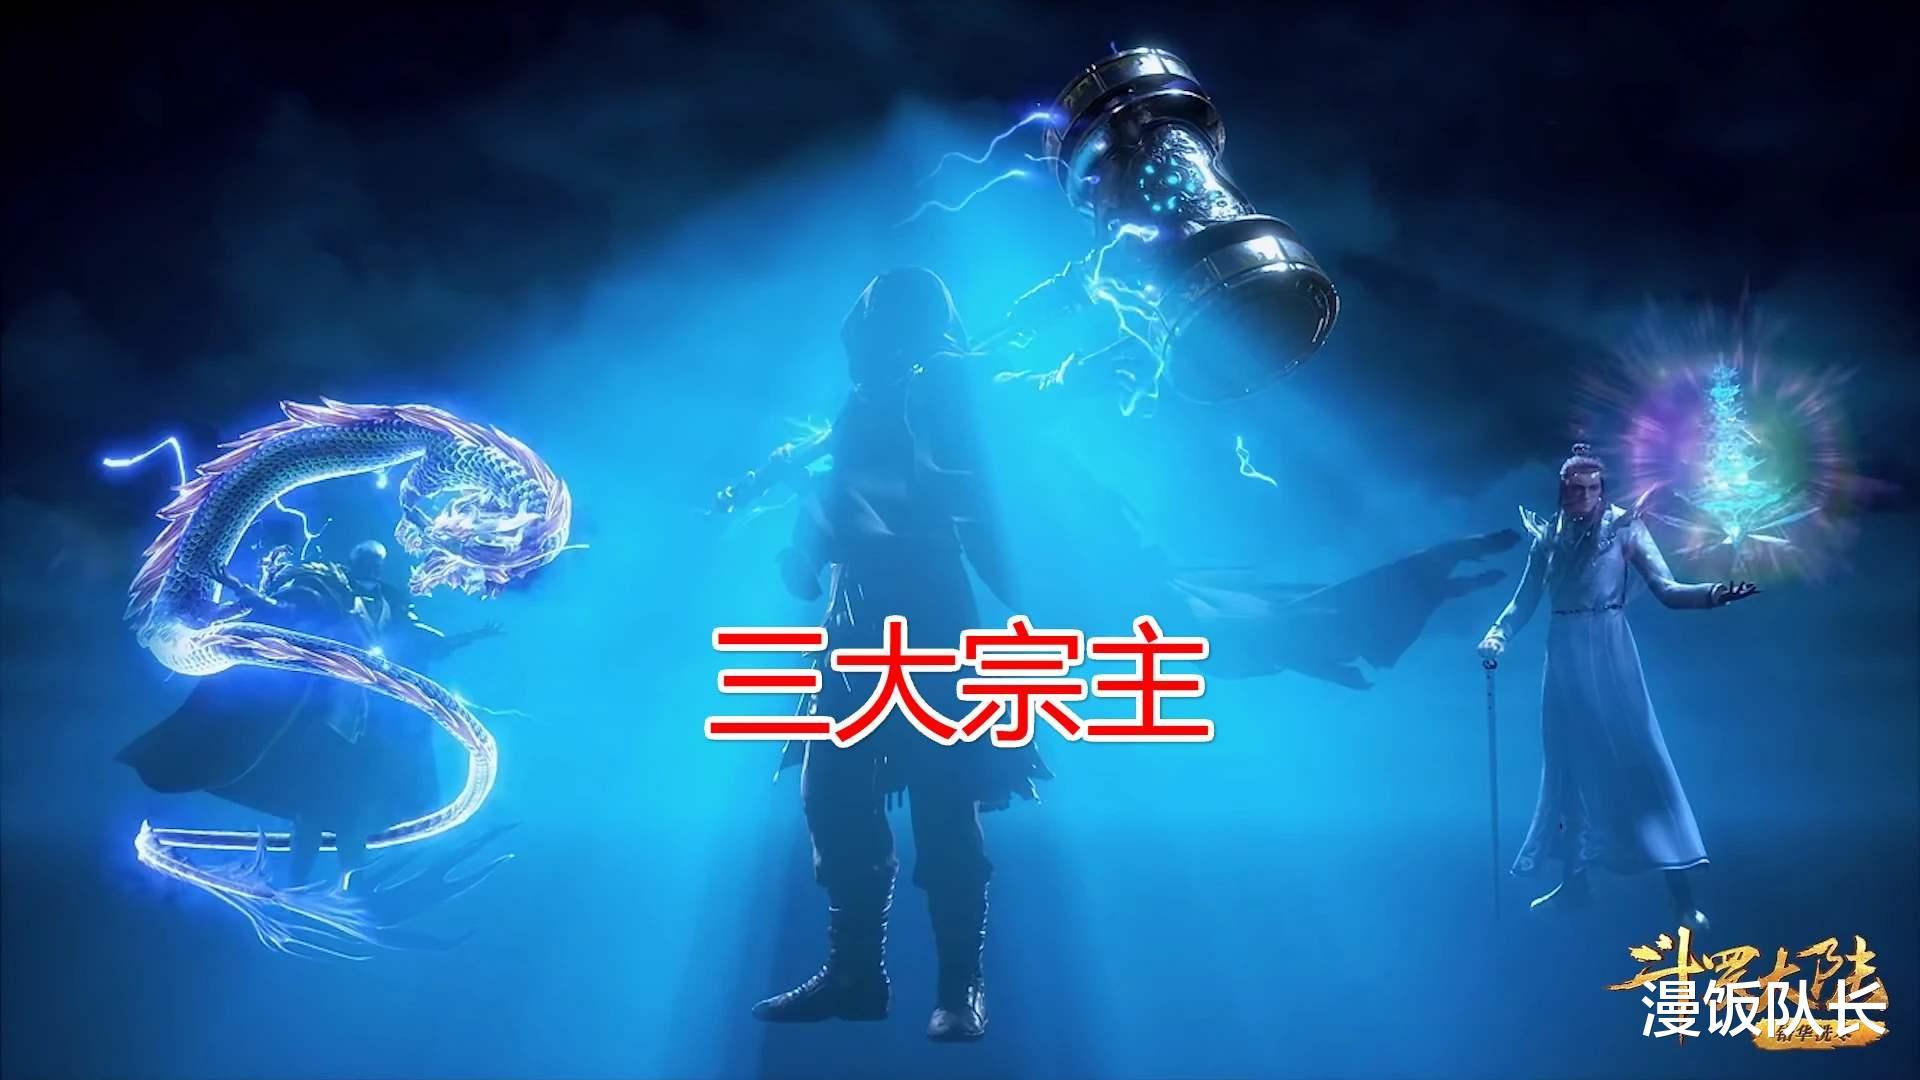 星石传说_斗罗大陆:上三宗宗主的实力差距,宁风致的成败都在于七宝琉璃塔